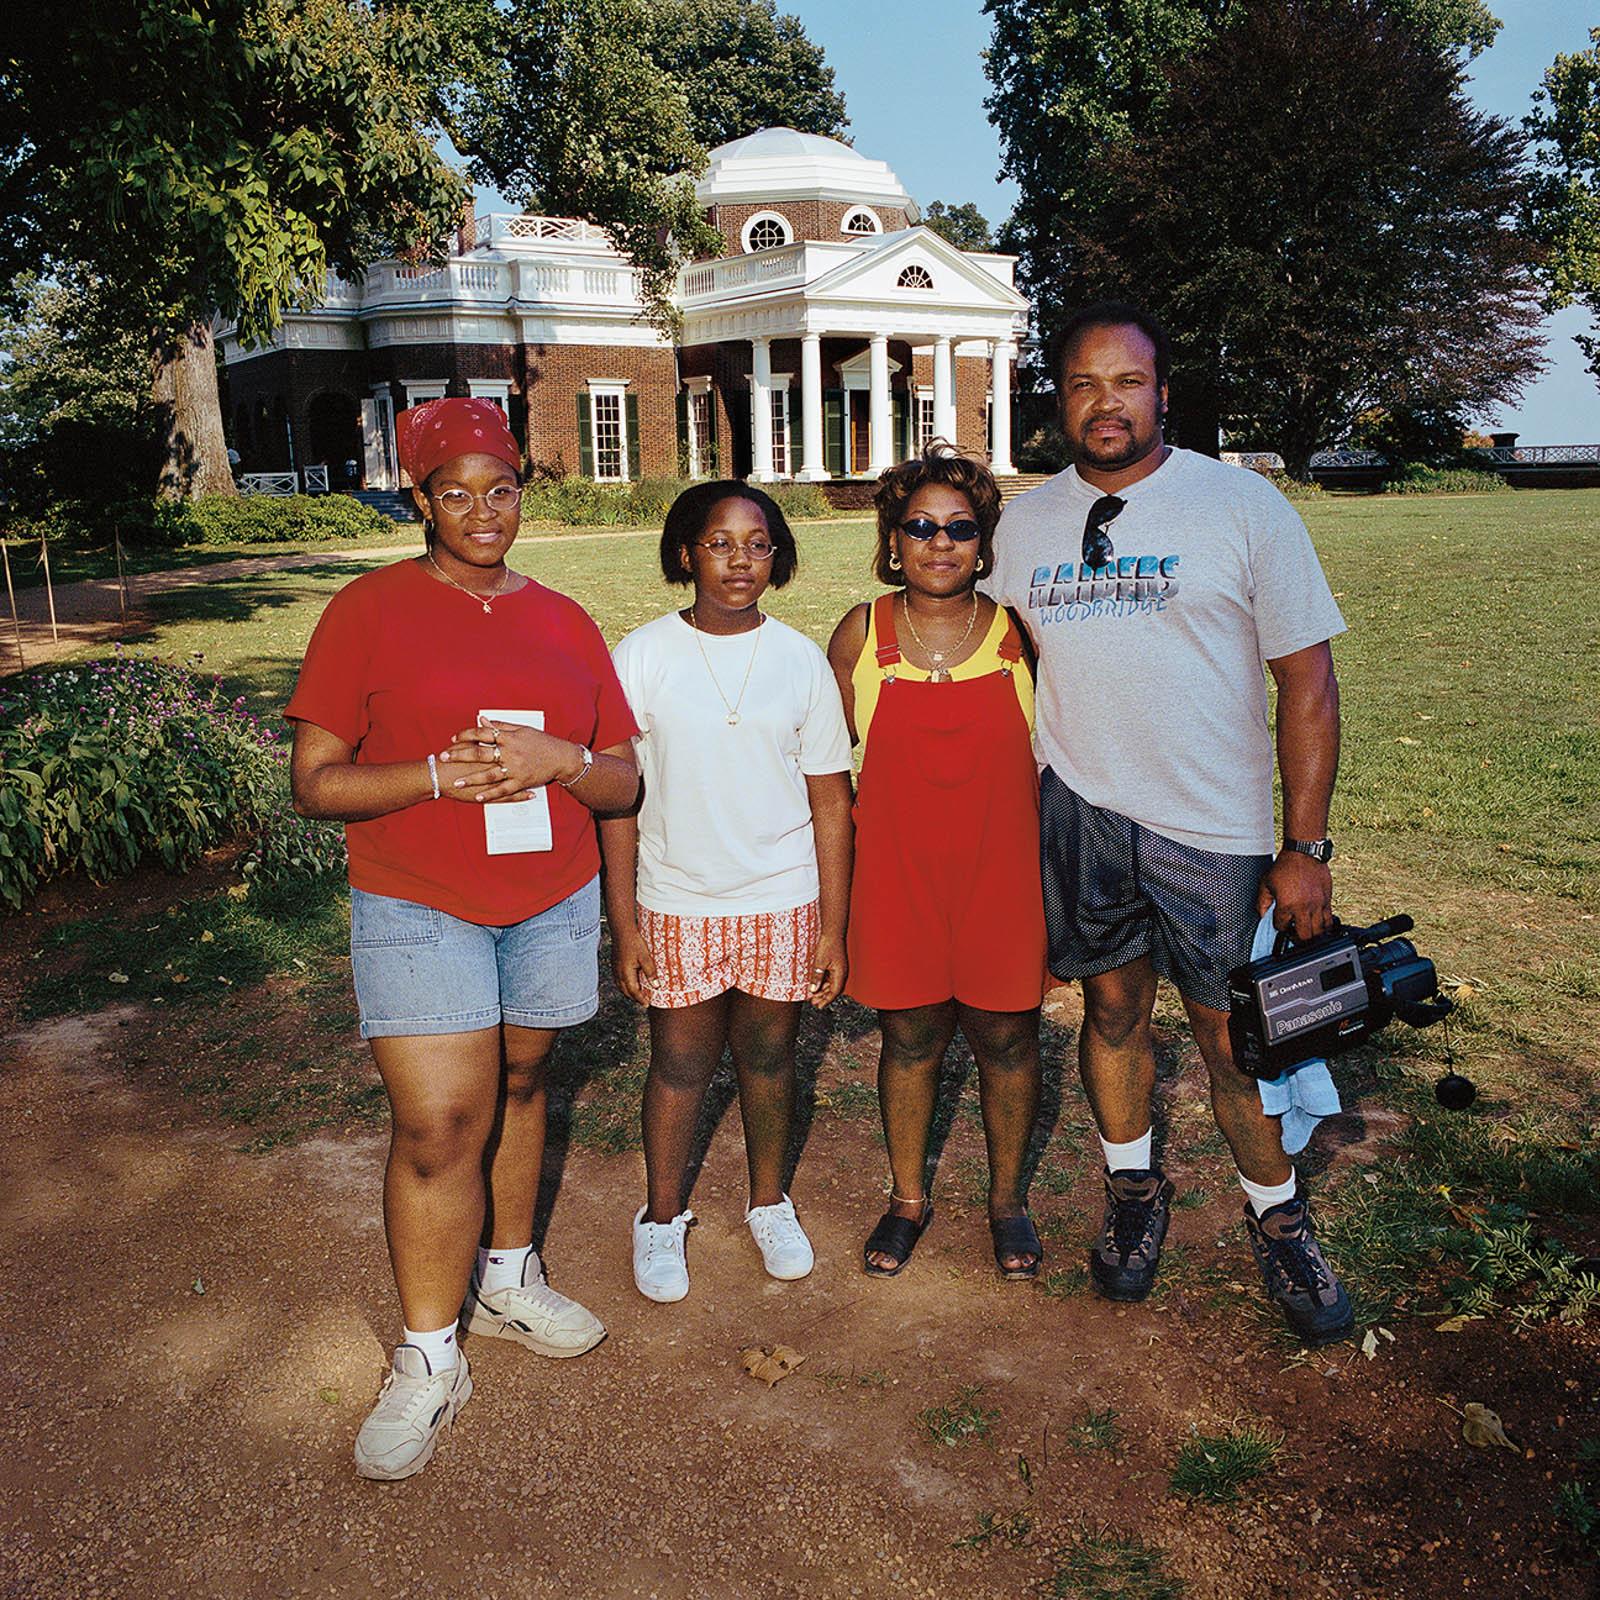 Family at Monticello, Virginia 2000